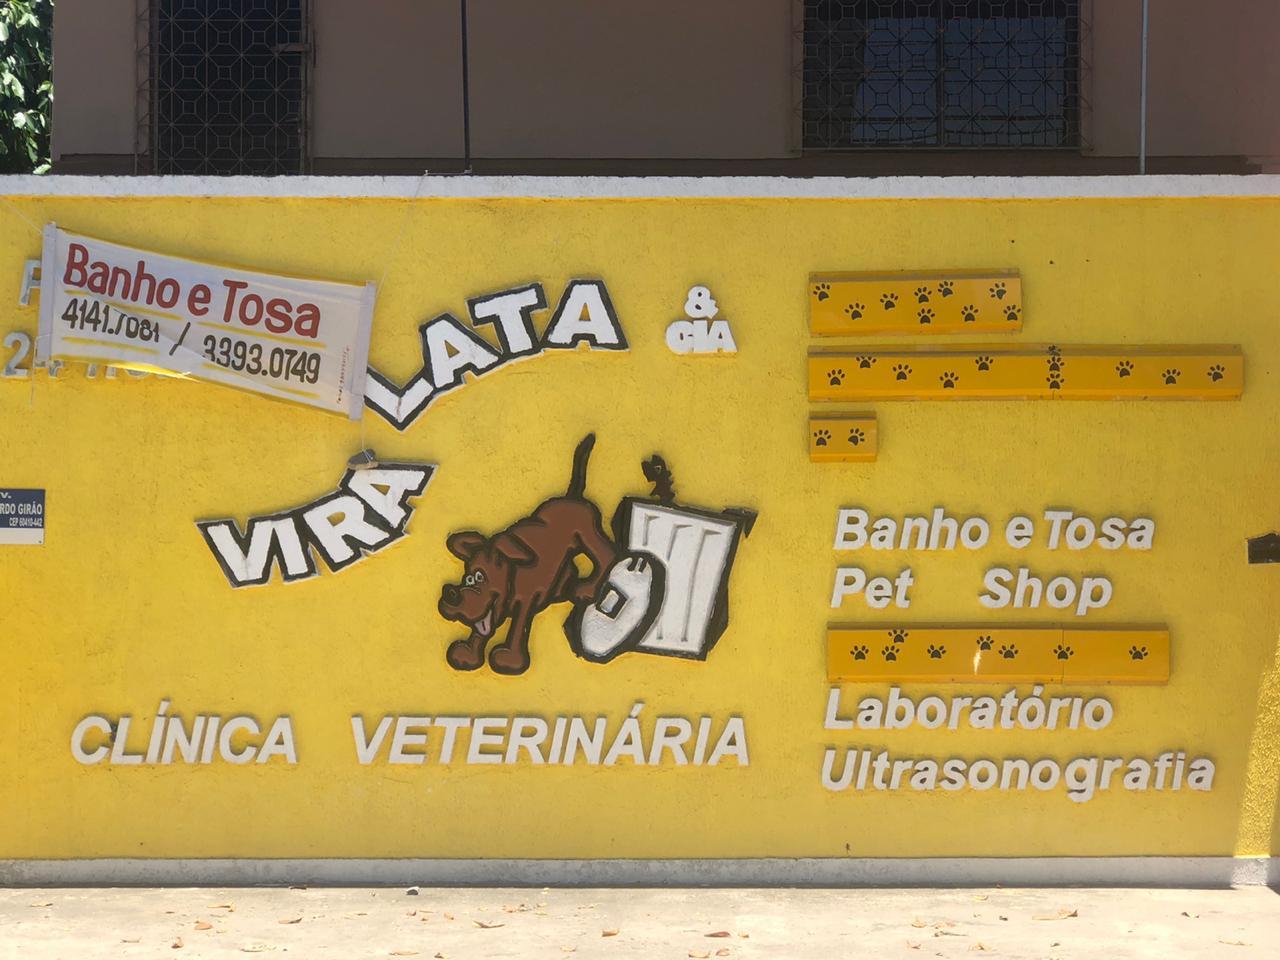 1 Banho + 1 corte de unha  + 1 limpeza de ouvido para Pets de pequeno porte de R$30 por R$23,90